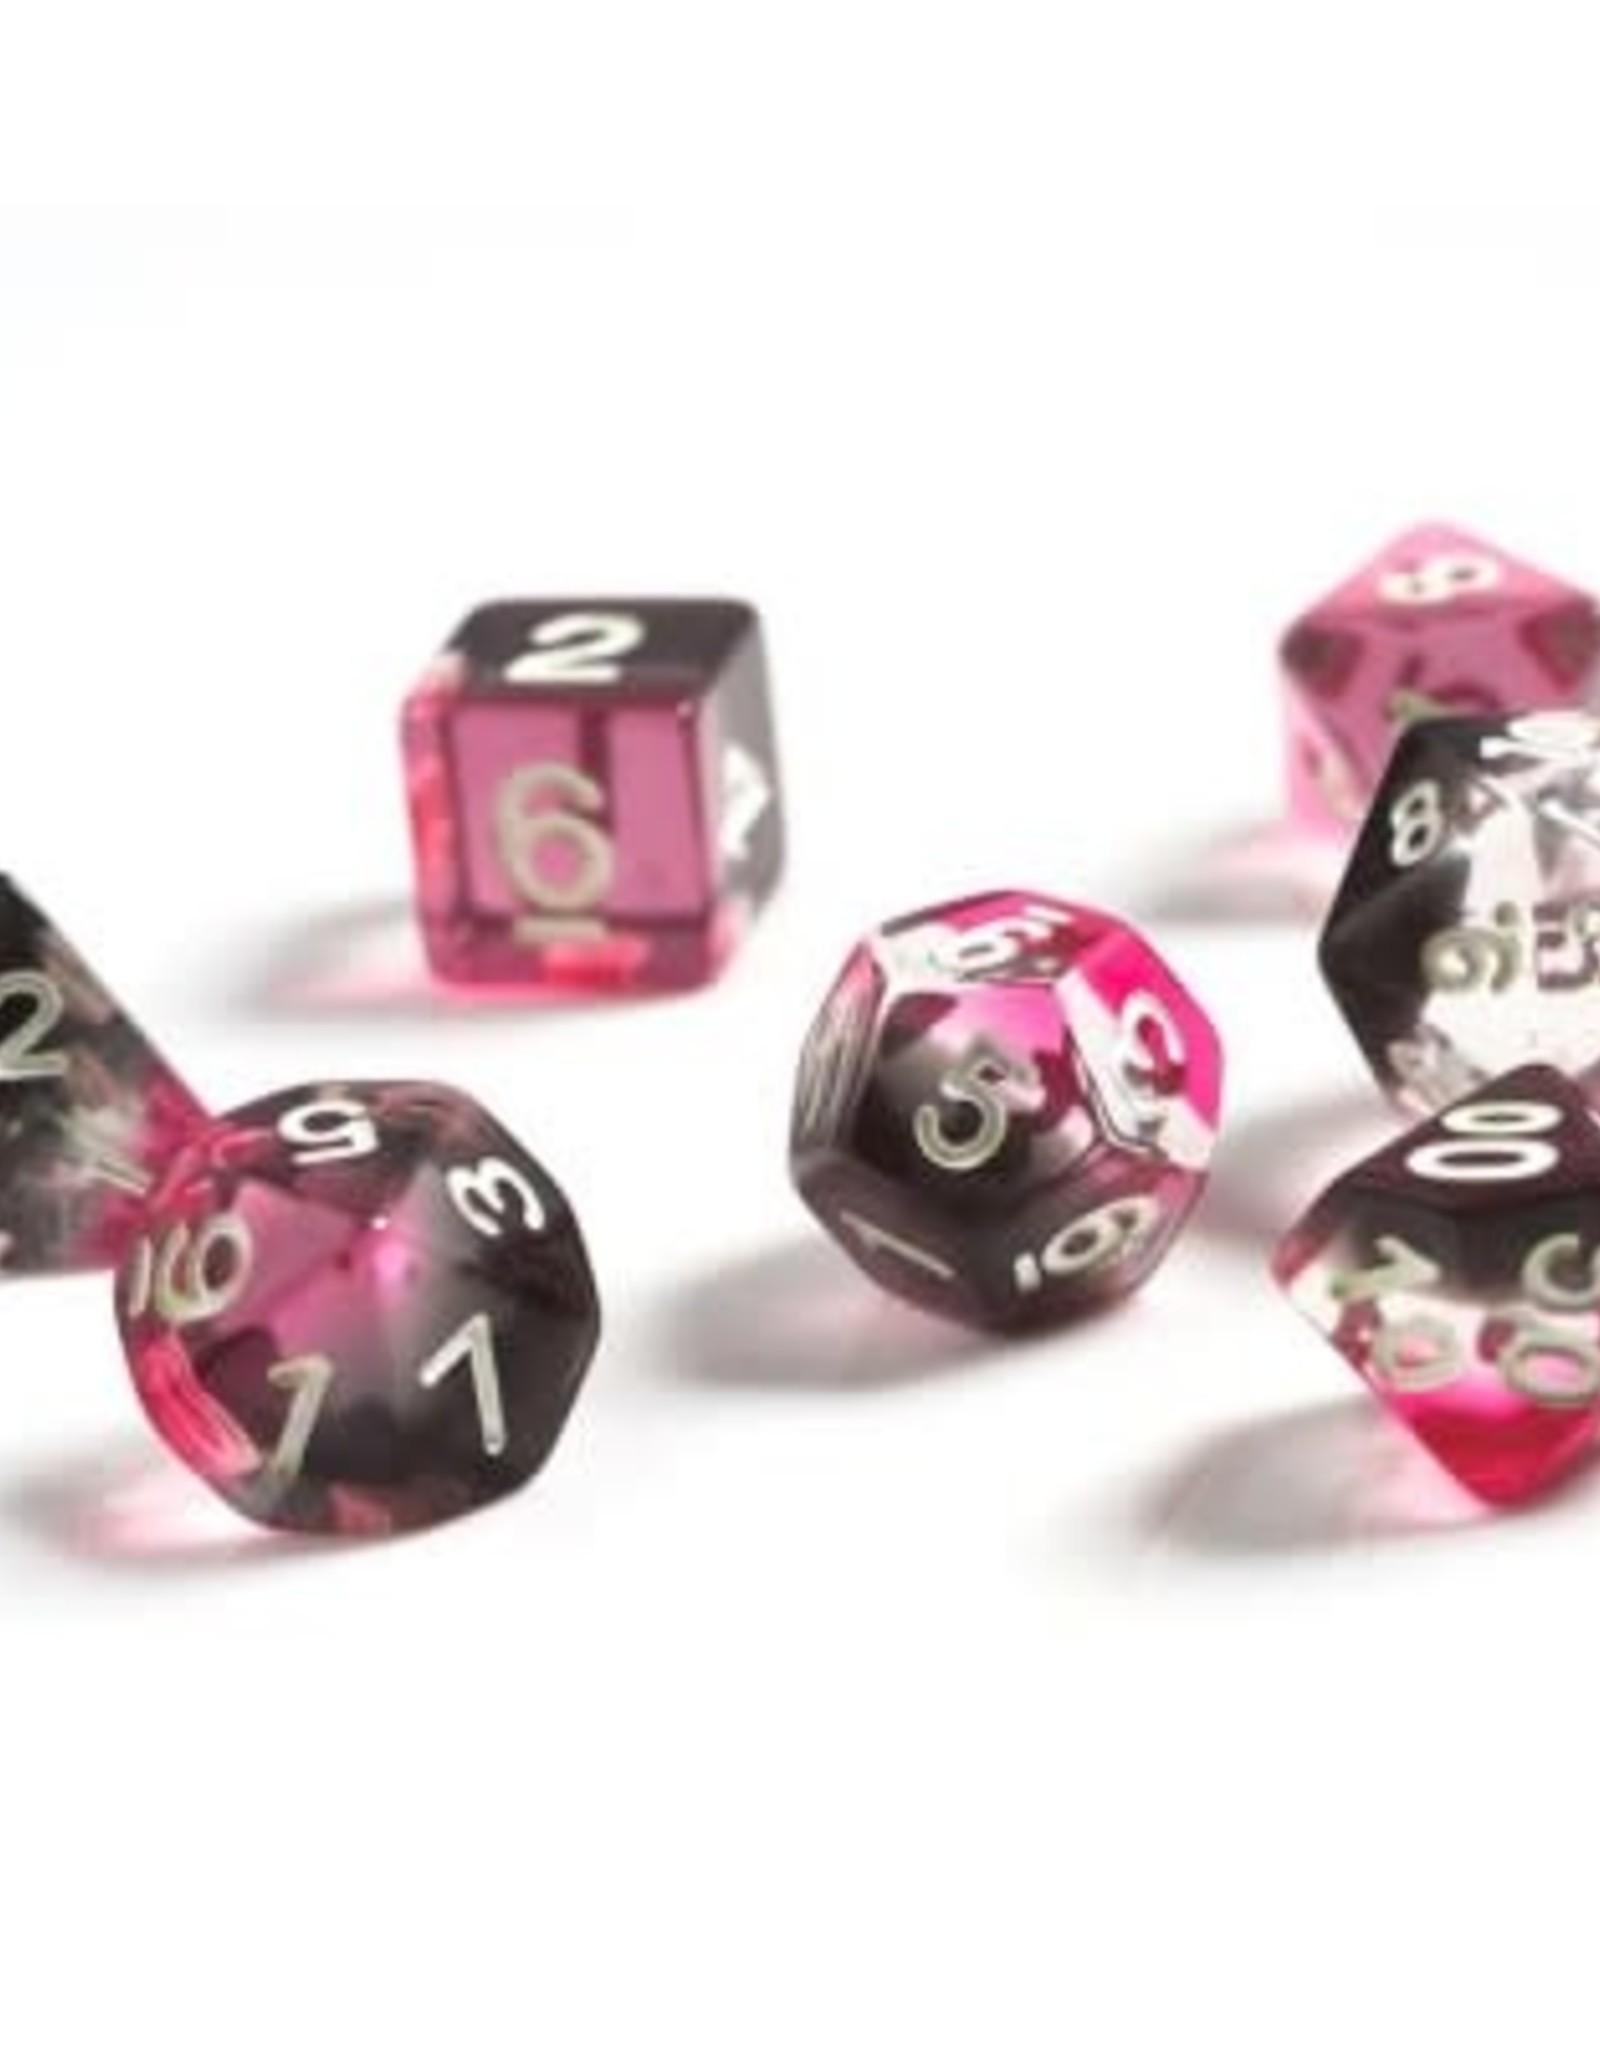 Sirius Dice Pink, Clear, Black Resin 7-die set